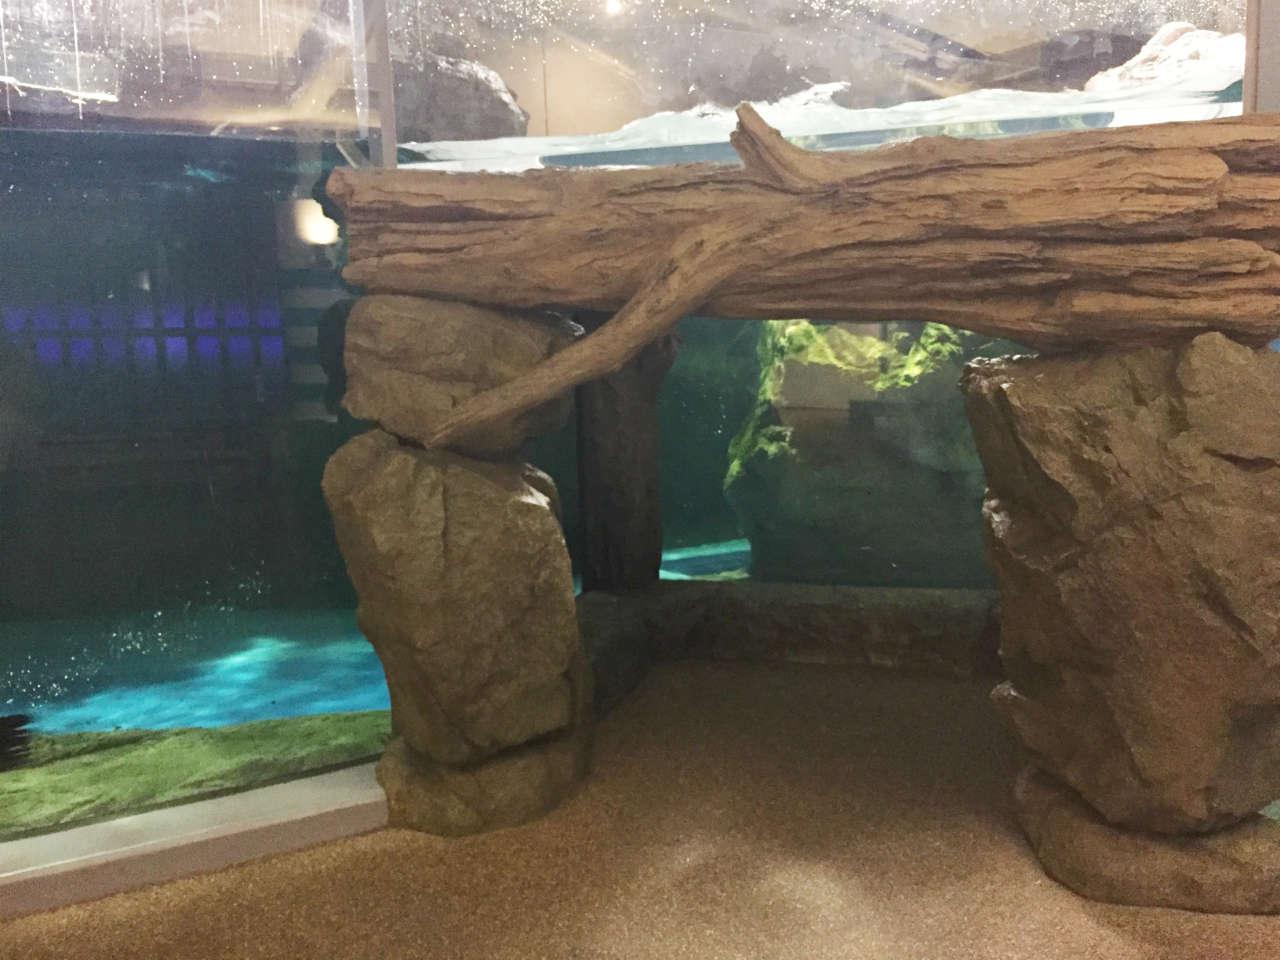 kyoto-aquarium-ashika